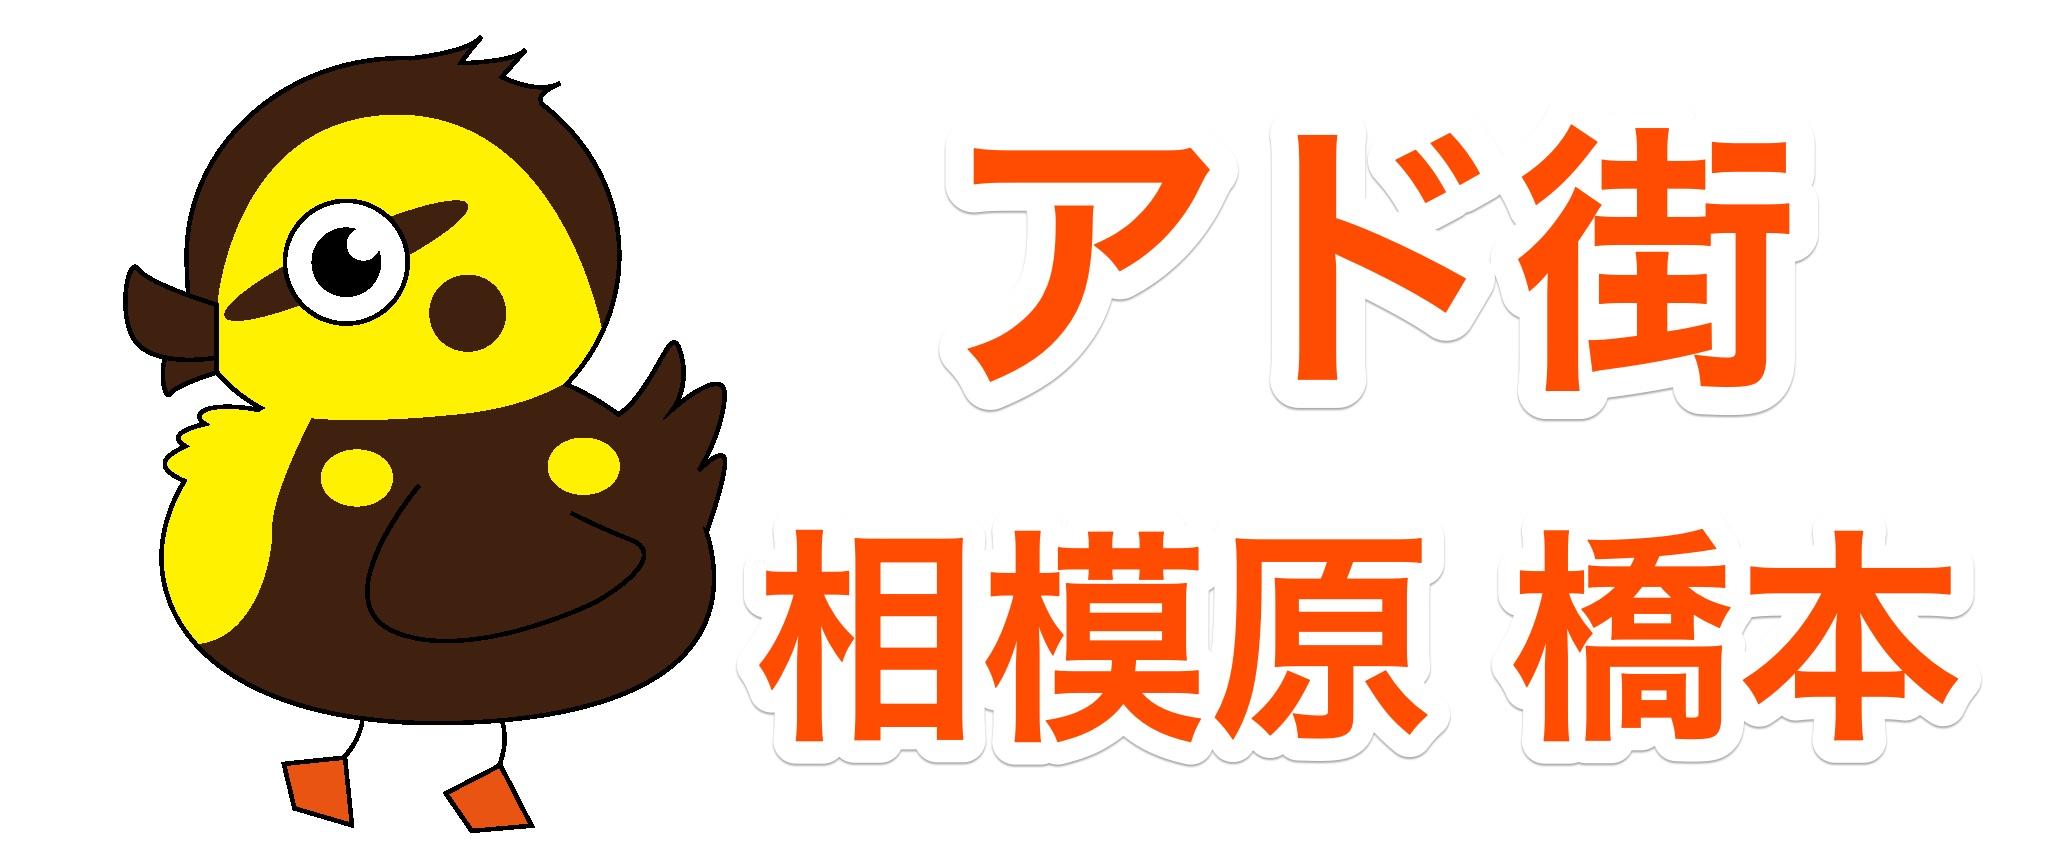 アド街ック天国「相模原 橋本」で紹介されたお店・スポットまとめ